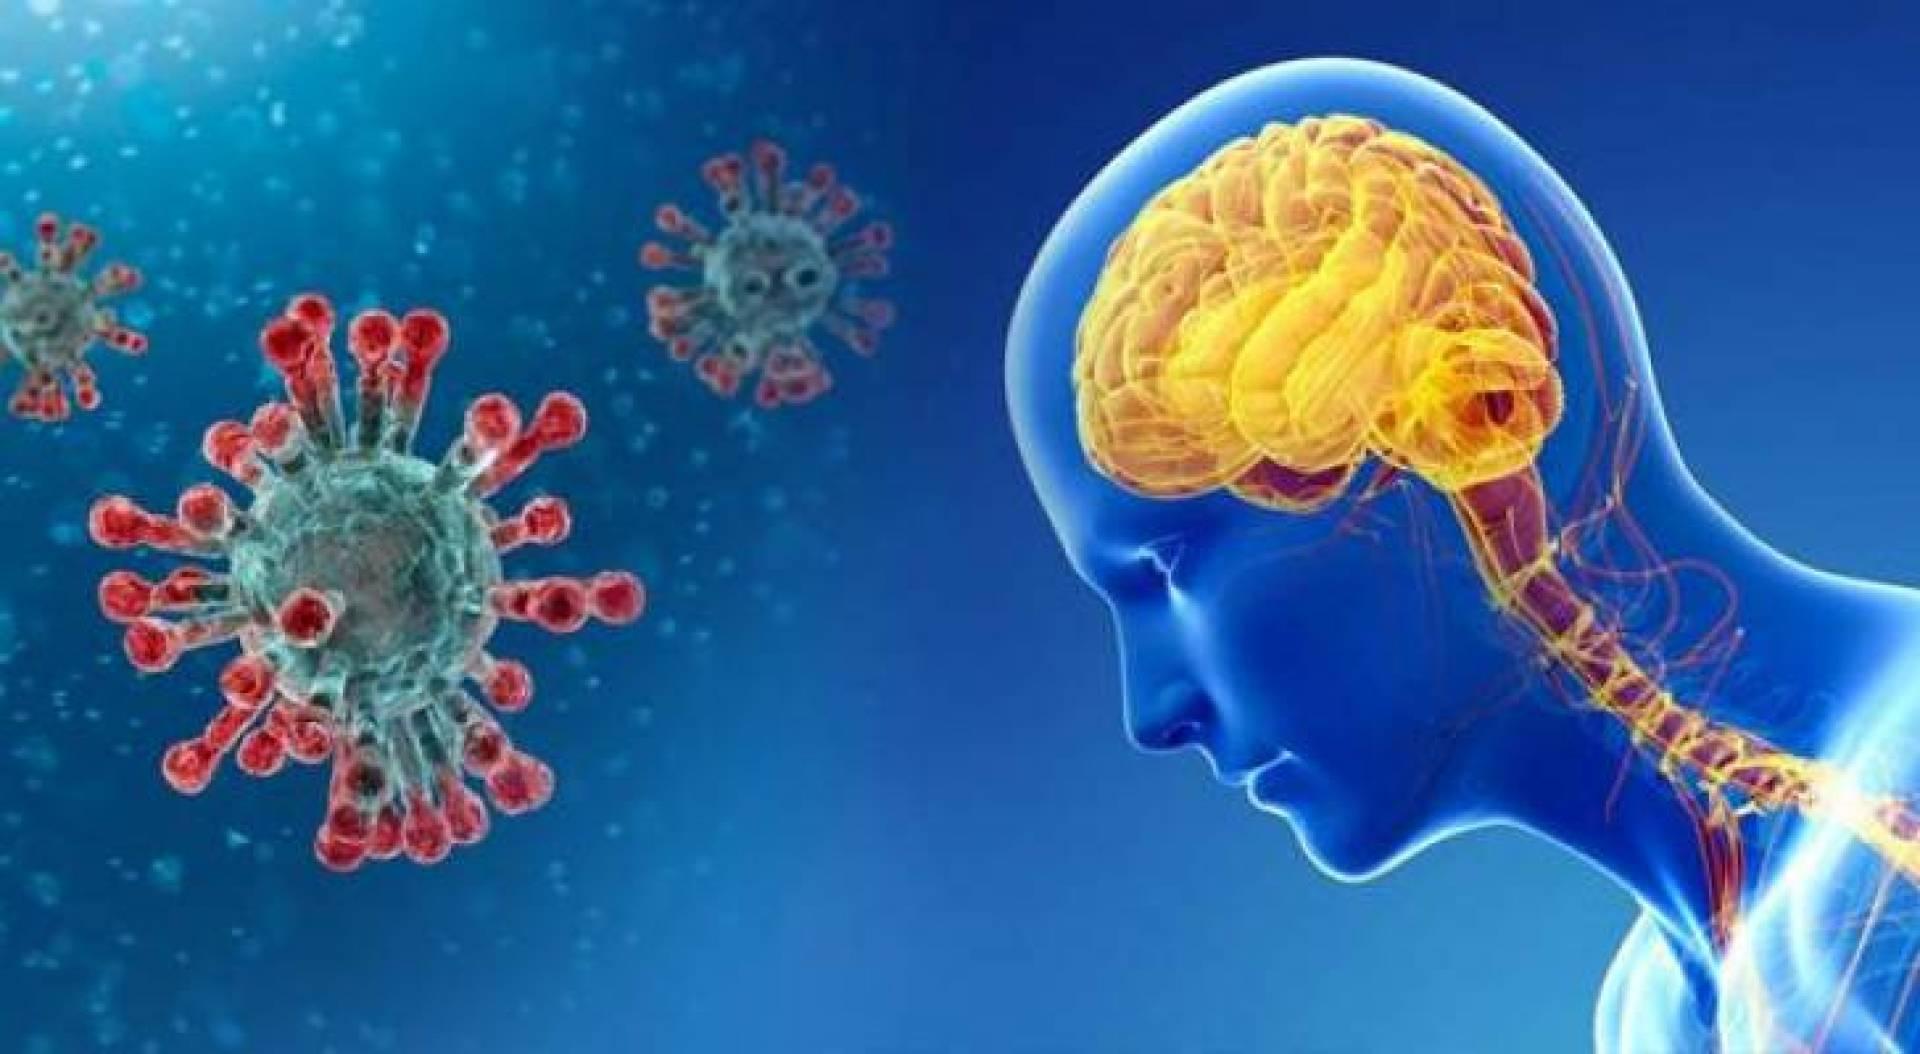 دراسة أميركية: فيروس كورونا قادر على مهاجمة الدماغ بشكل مباشر